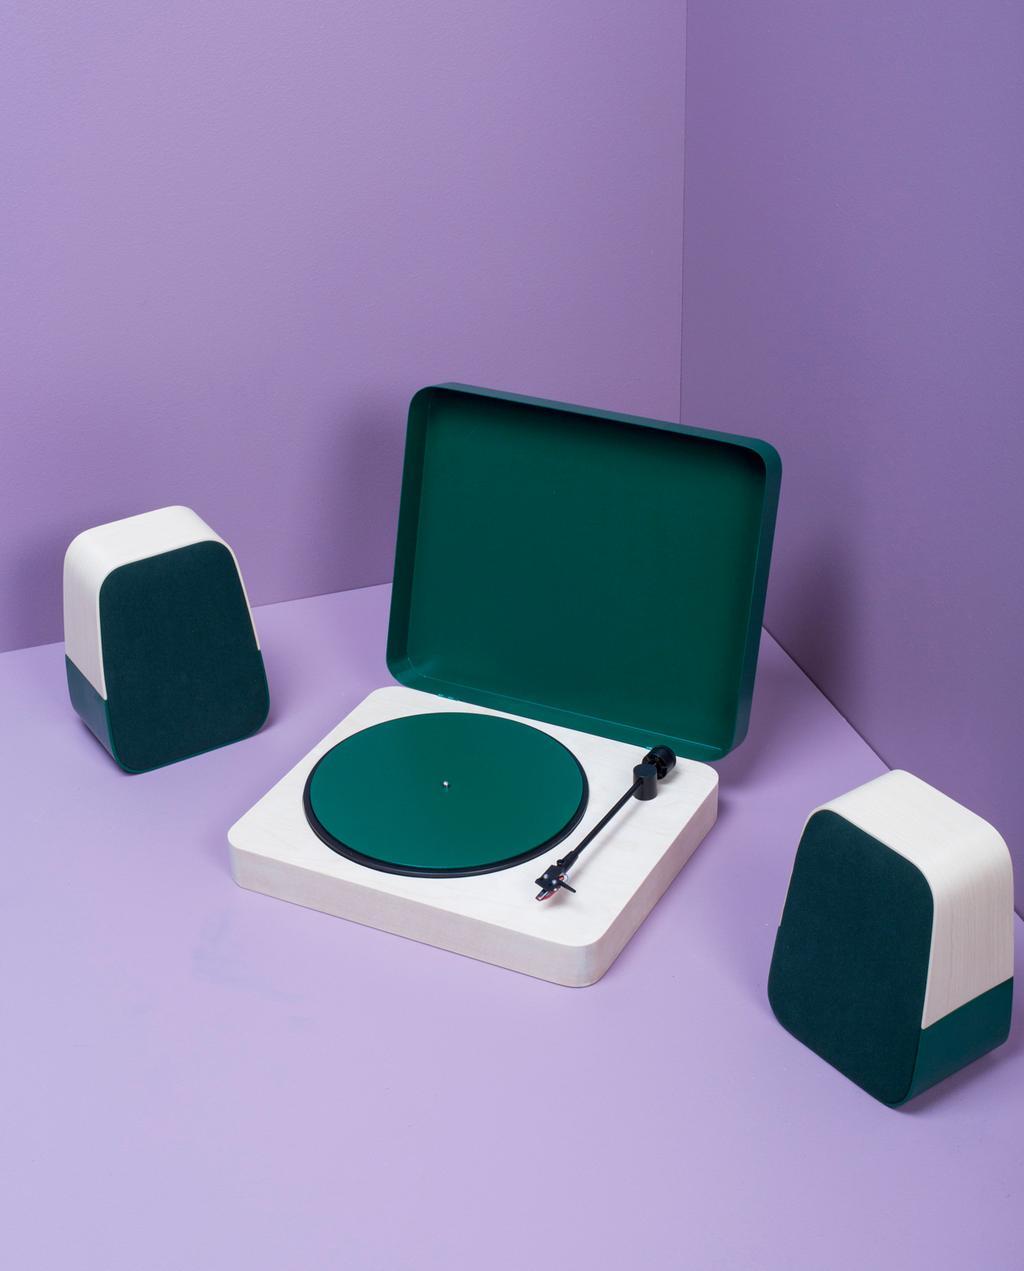 vtwonen blog | blog StudentDesign design voor op je verlanglijstje Tomi Laukkanen groene muziekspelers paarse achtergrond